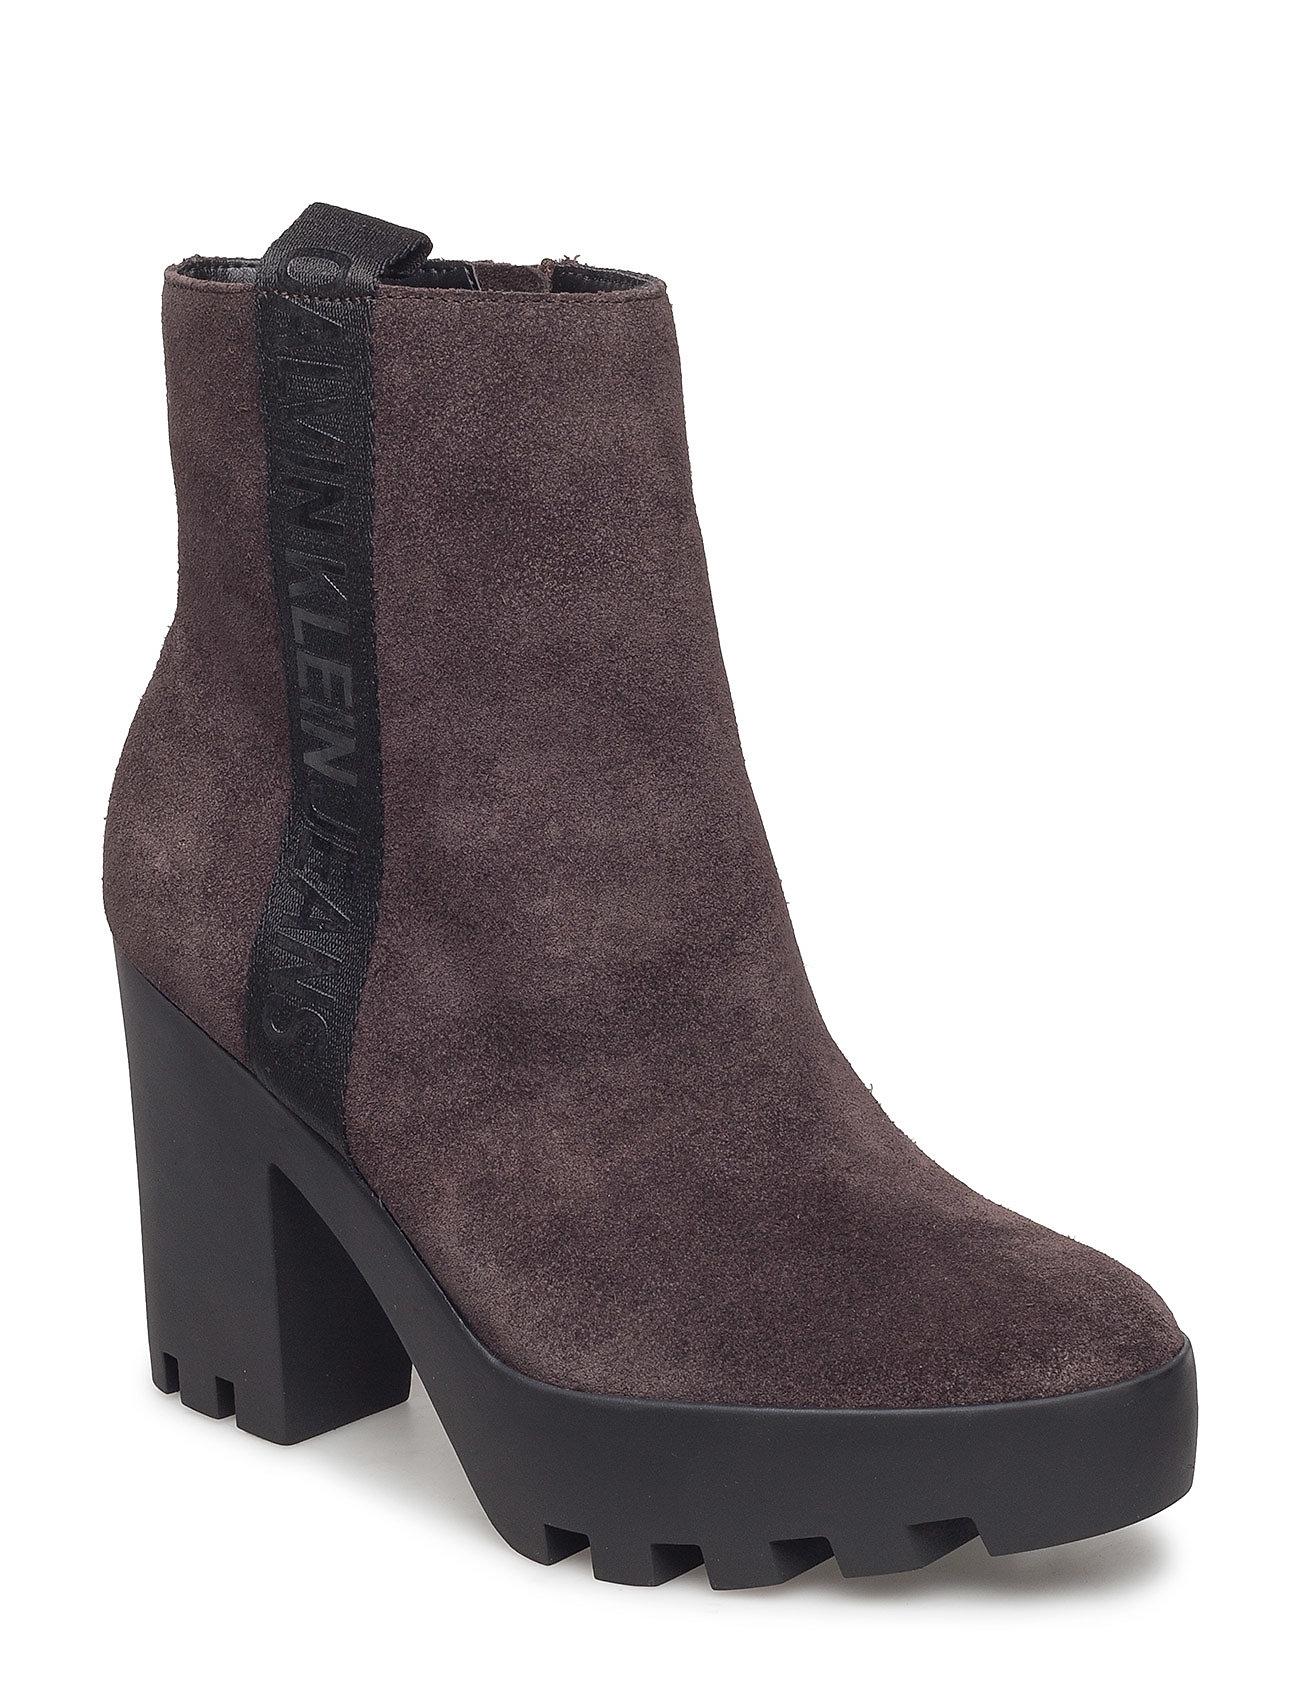 Calvin Klein Footwear SERINA SUEDE - BRN